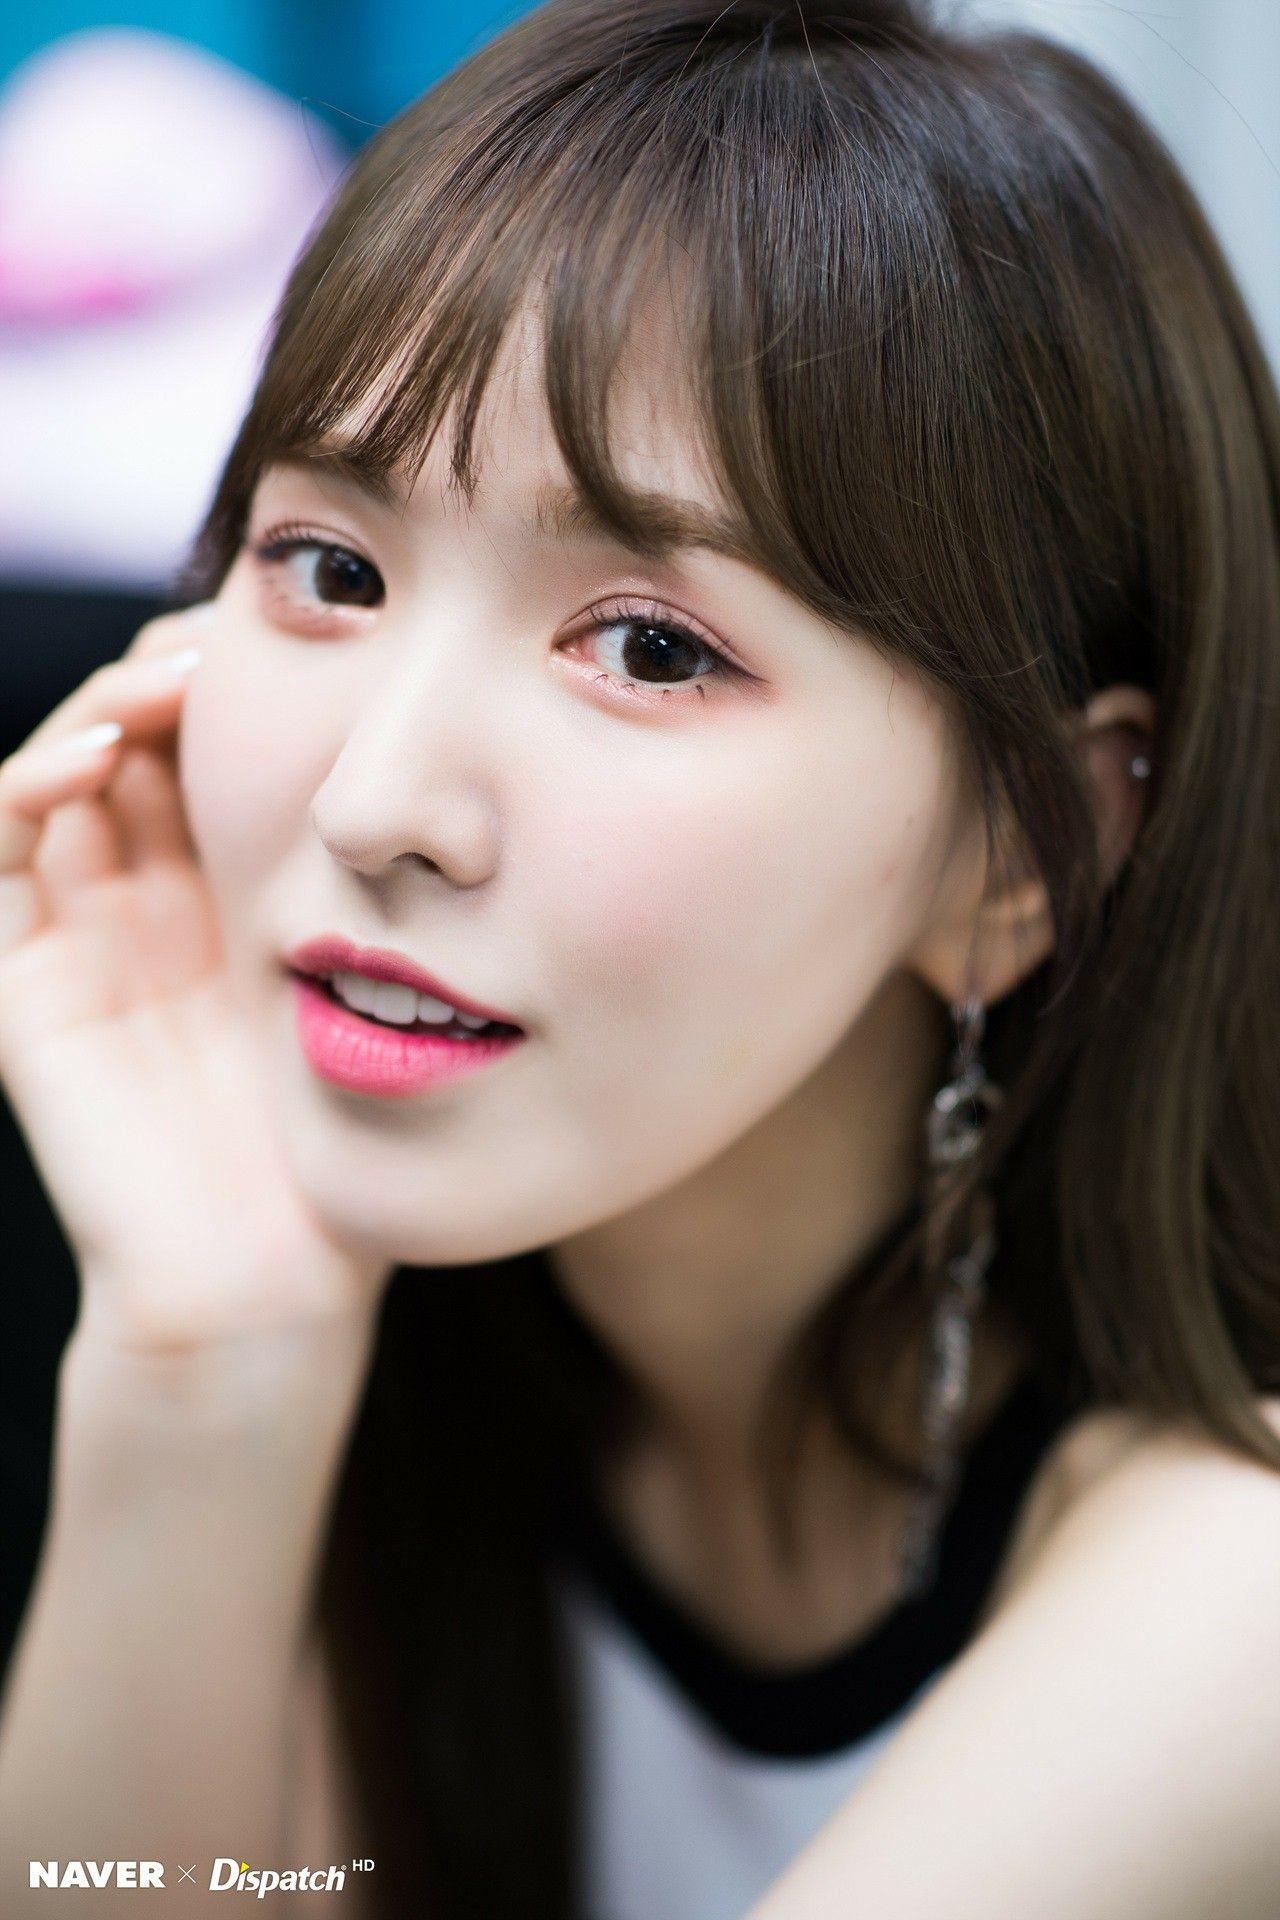 Pin by 𝐥𝐢𝐚。 on Red Velvet | Wendy red velvet, Red velvet